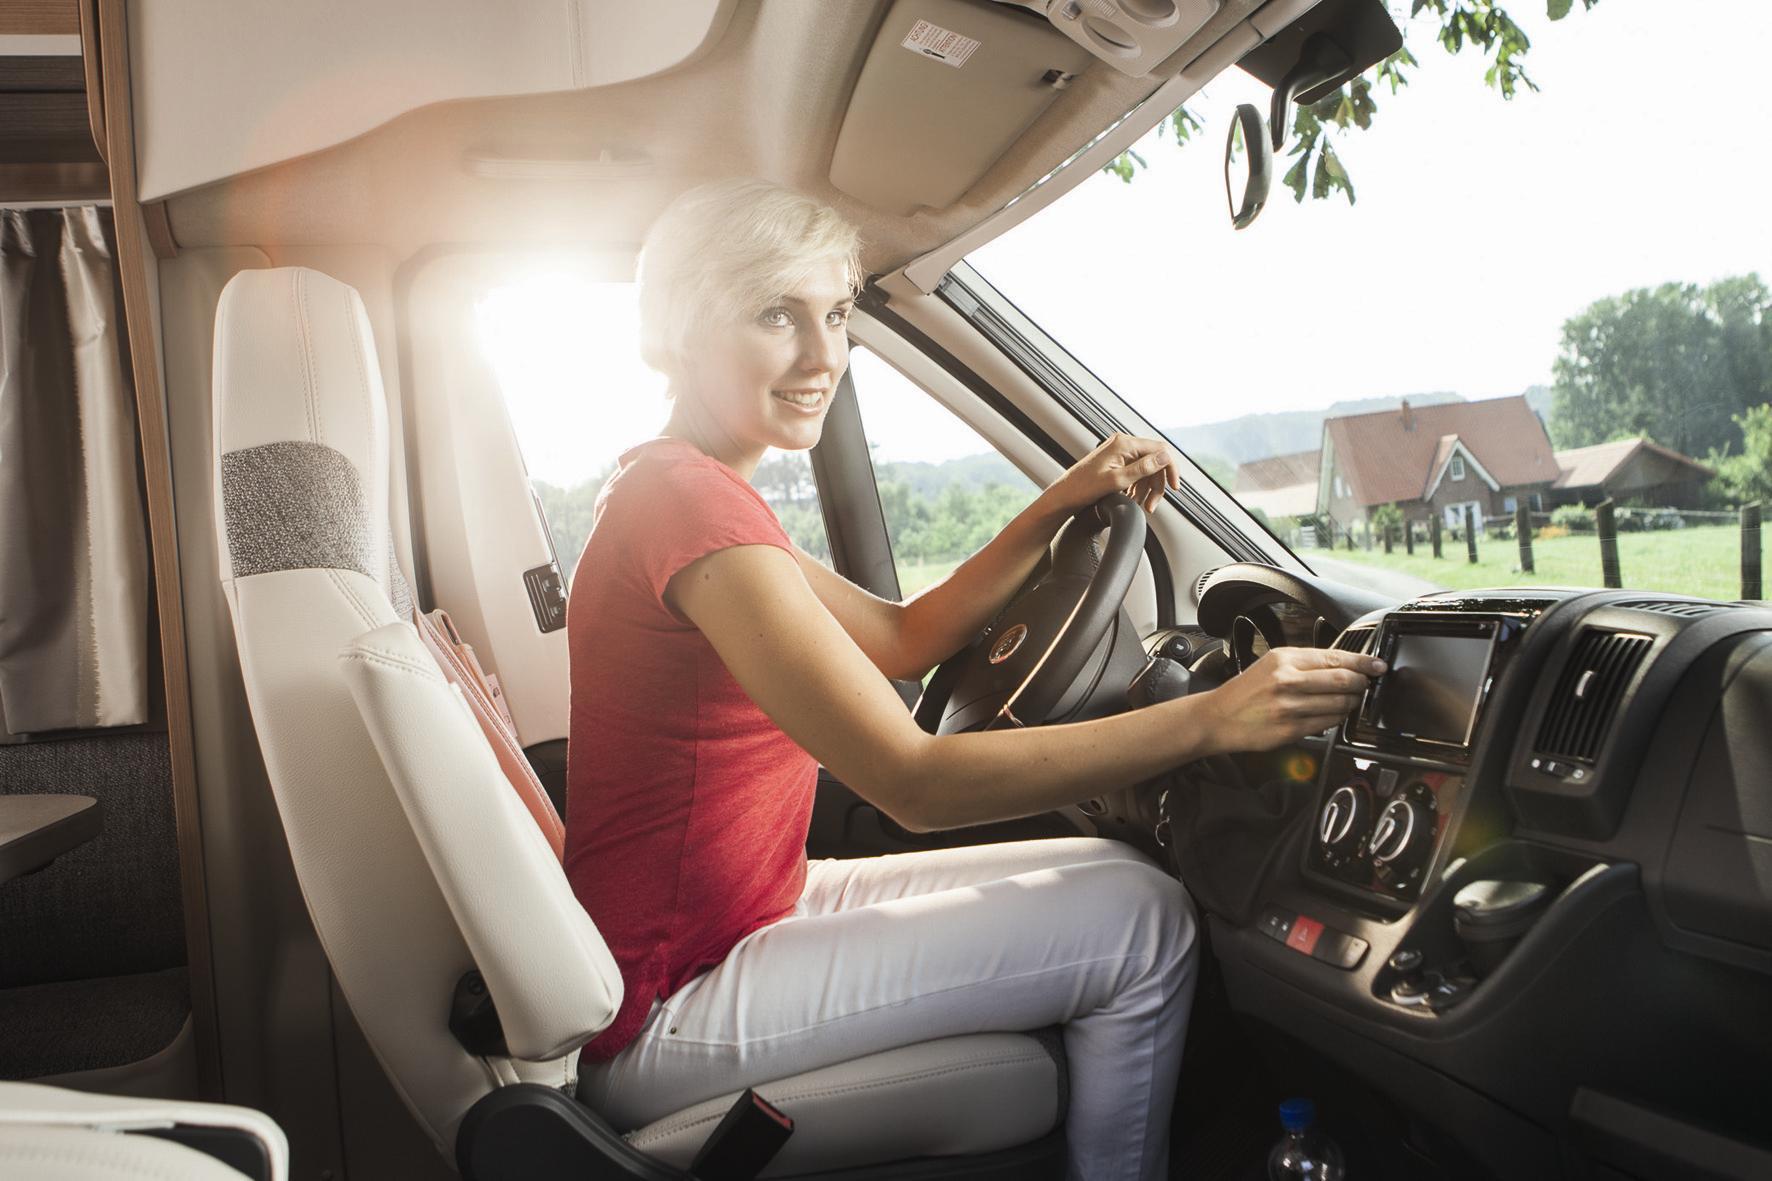 mid Groß-Gerau - Der Blick durch das Heckfenster bleibt vielen Fahrern von Transportern und Wohnmobilen verwehrt. Hier bieten elektronische Helfer ein gehöriges Plus an Sicherheit und Komfort.